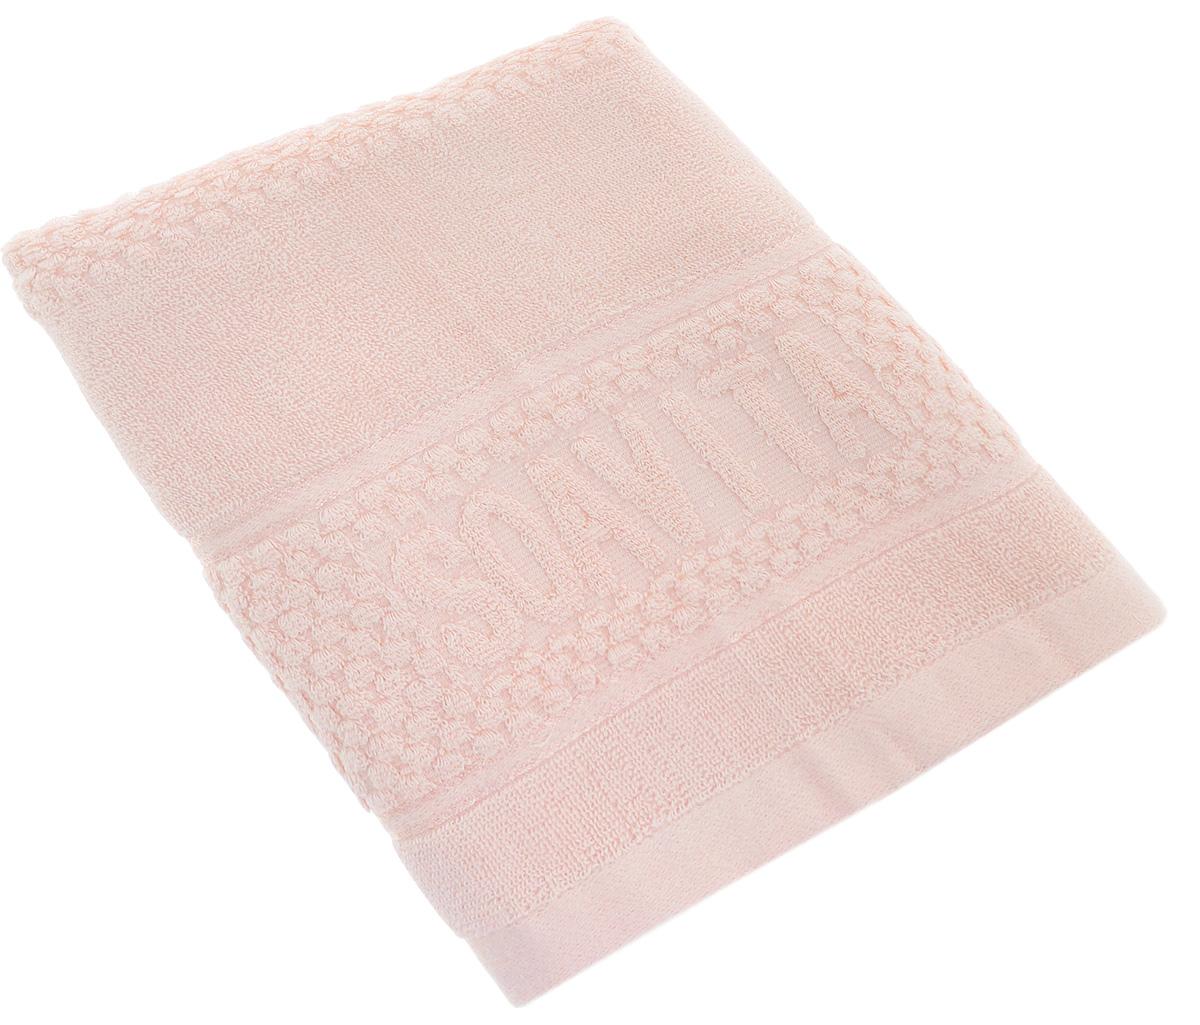 Полотенце Soavita, цвет: розовый, 50 х 100 смPANTERA SPX-2RSПолотенце Soavita выполнено из 100% хлопка. Изделие отлично впитывает влагу, быстро сохнет, сохраняет яркость цвета и не теряет форму даже после многократных стирок. Полотенце очень практично и неприхотливо в уходе. Оно создаст прекрасное настроение и украсит интерьер в ванной комнате.